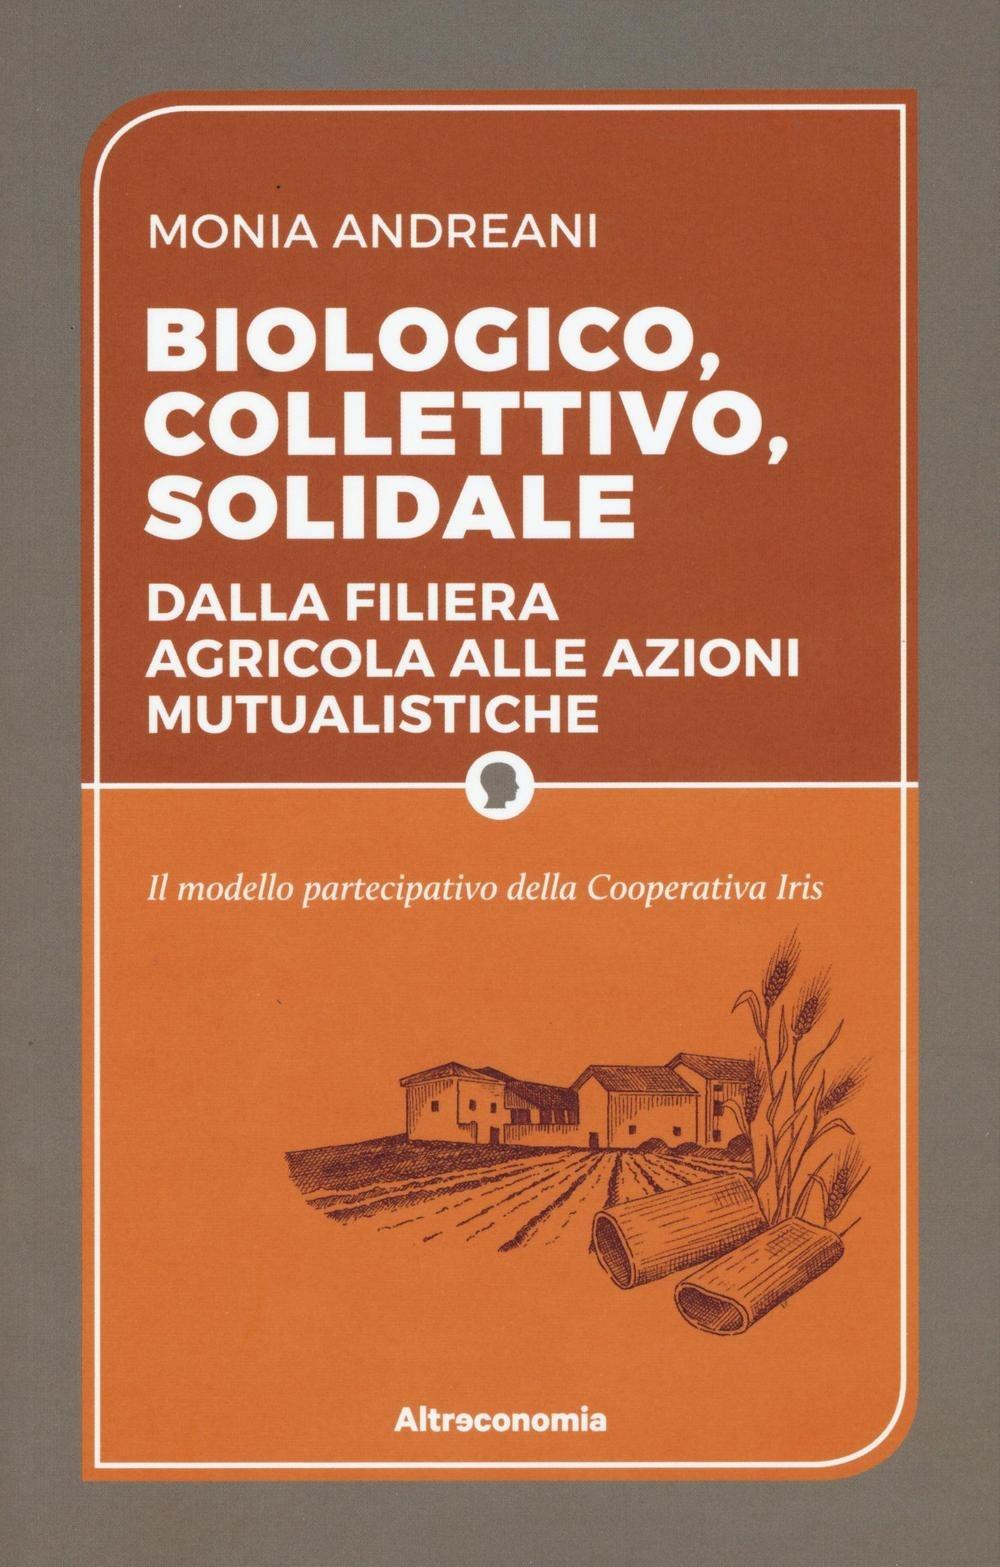 Image of Biologico, collettivo, solidale. Dalla filiera agricola alle azion..